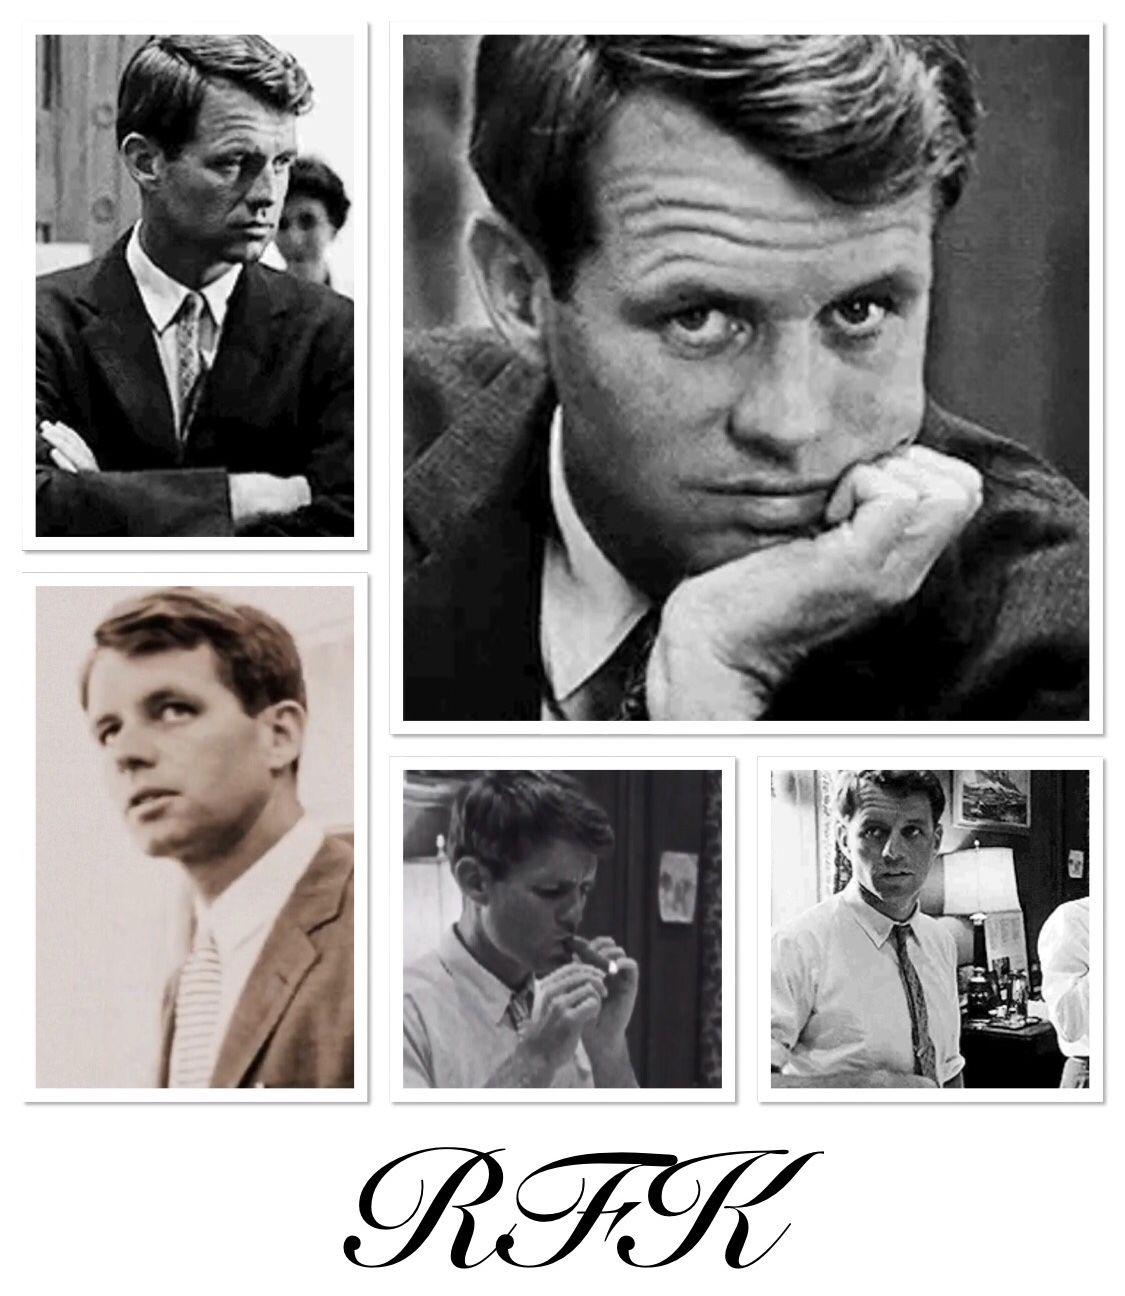 Pin by Tom Elliott on Kennedy Robert kennedy, Kennedy